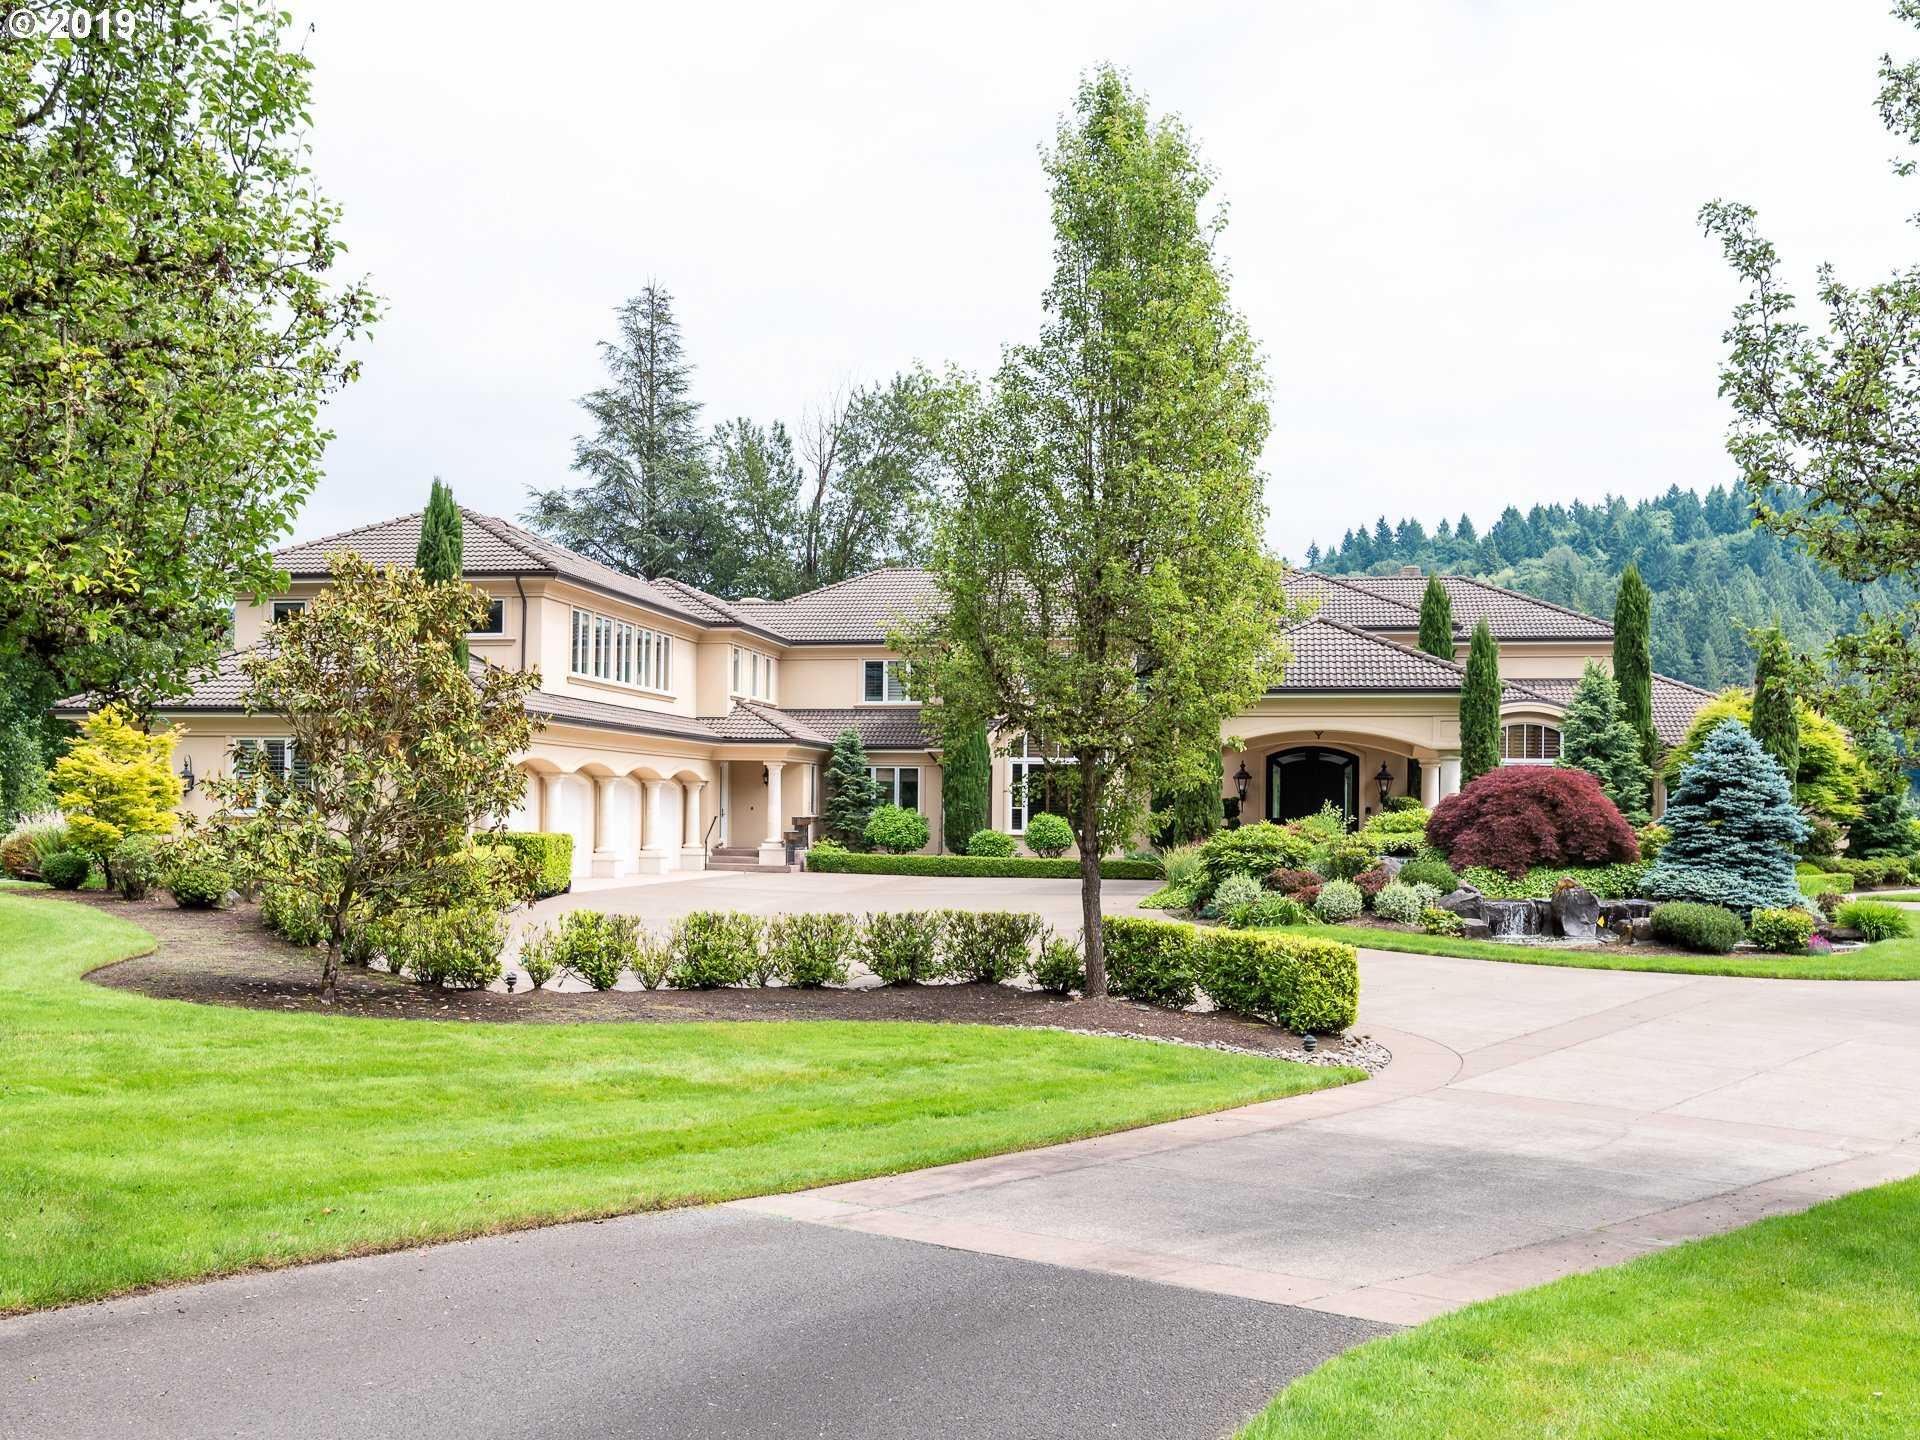 $3,450,000 - 5Br/10Ba -  for Sale in Willamette, West Linn